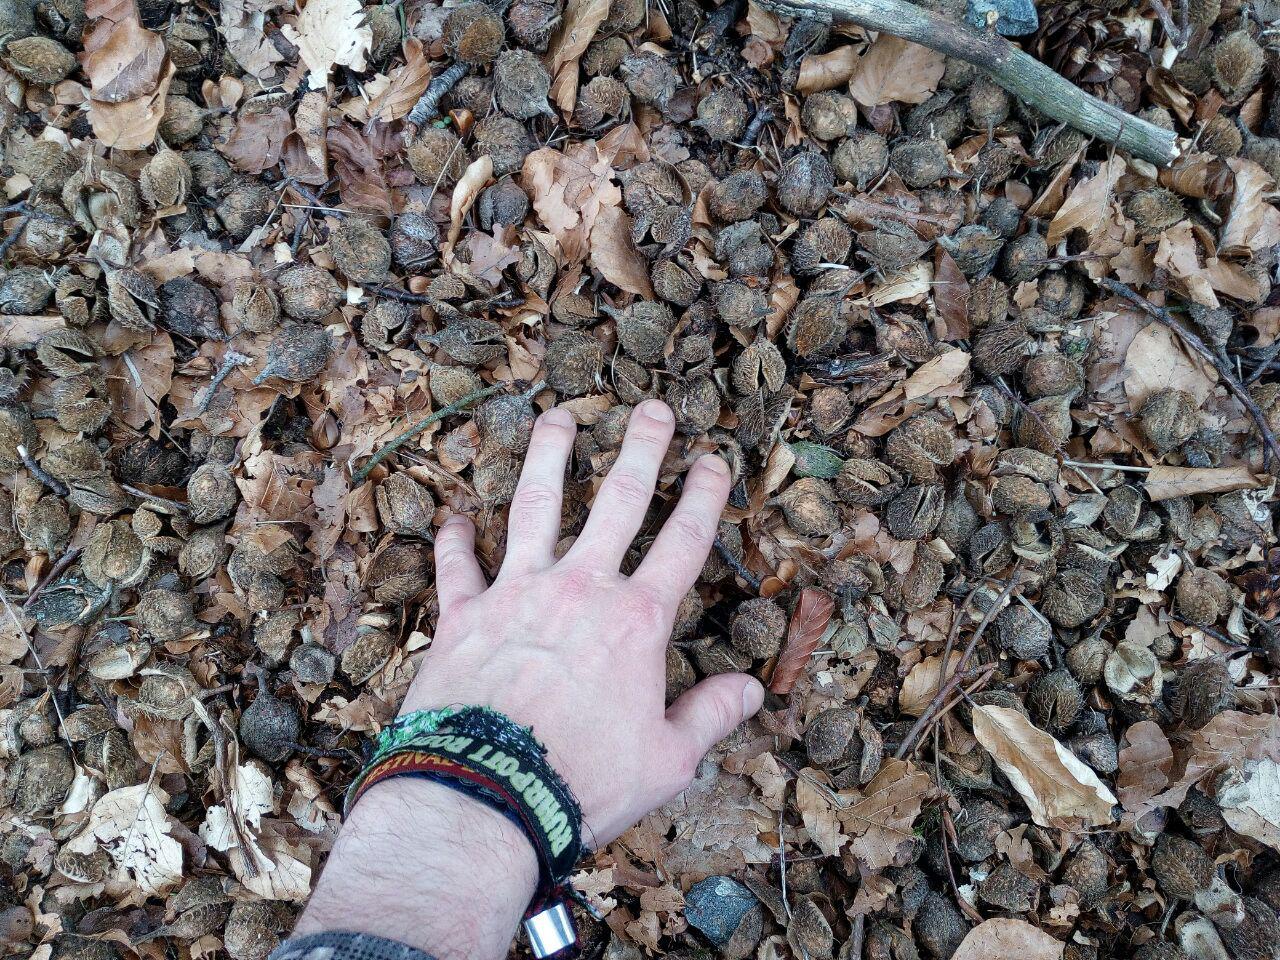 Zeugen der Buchenmast von letztem Herbst. (April)